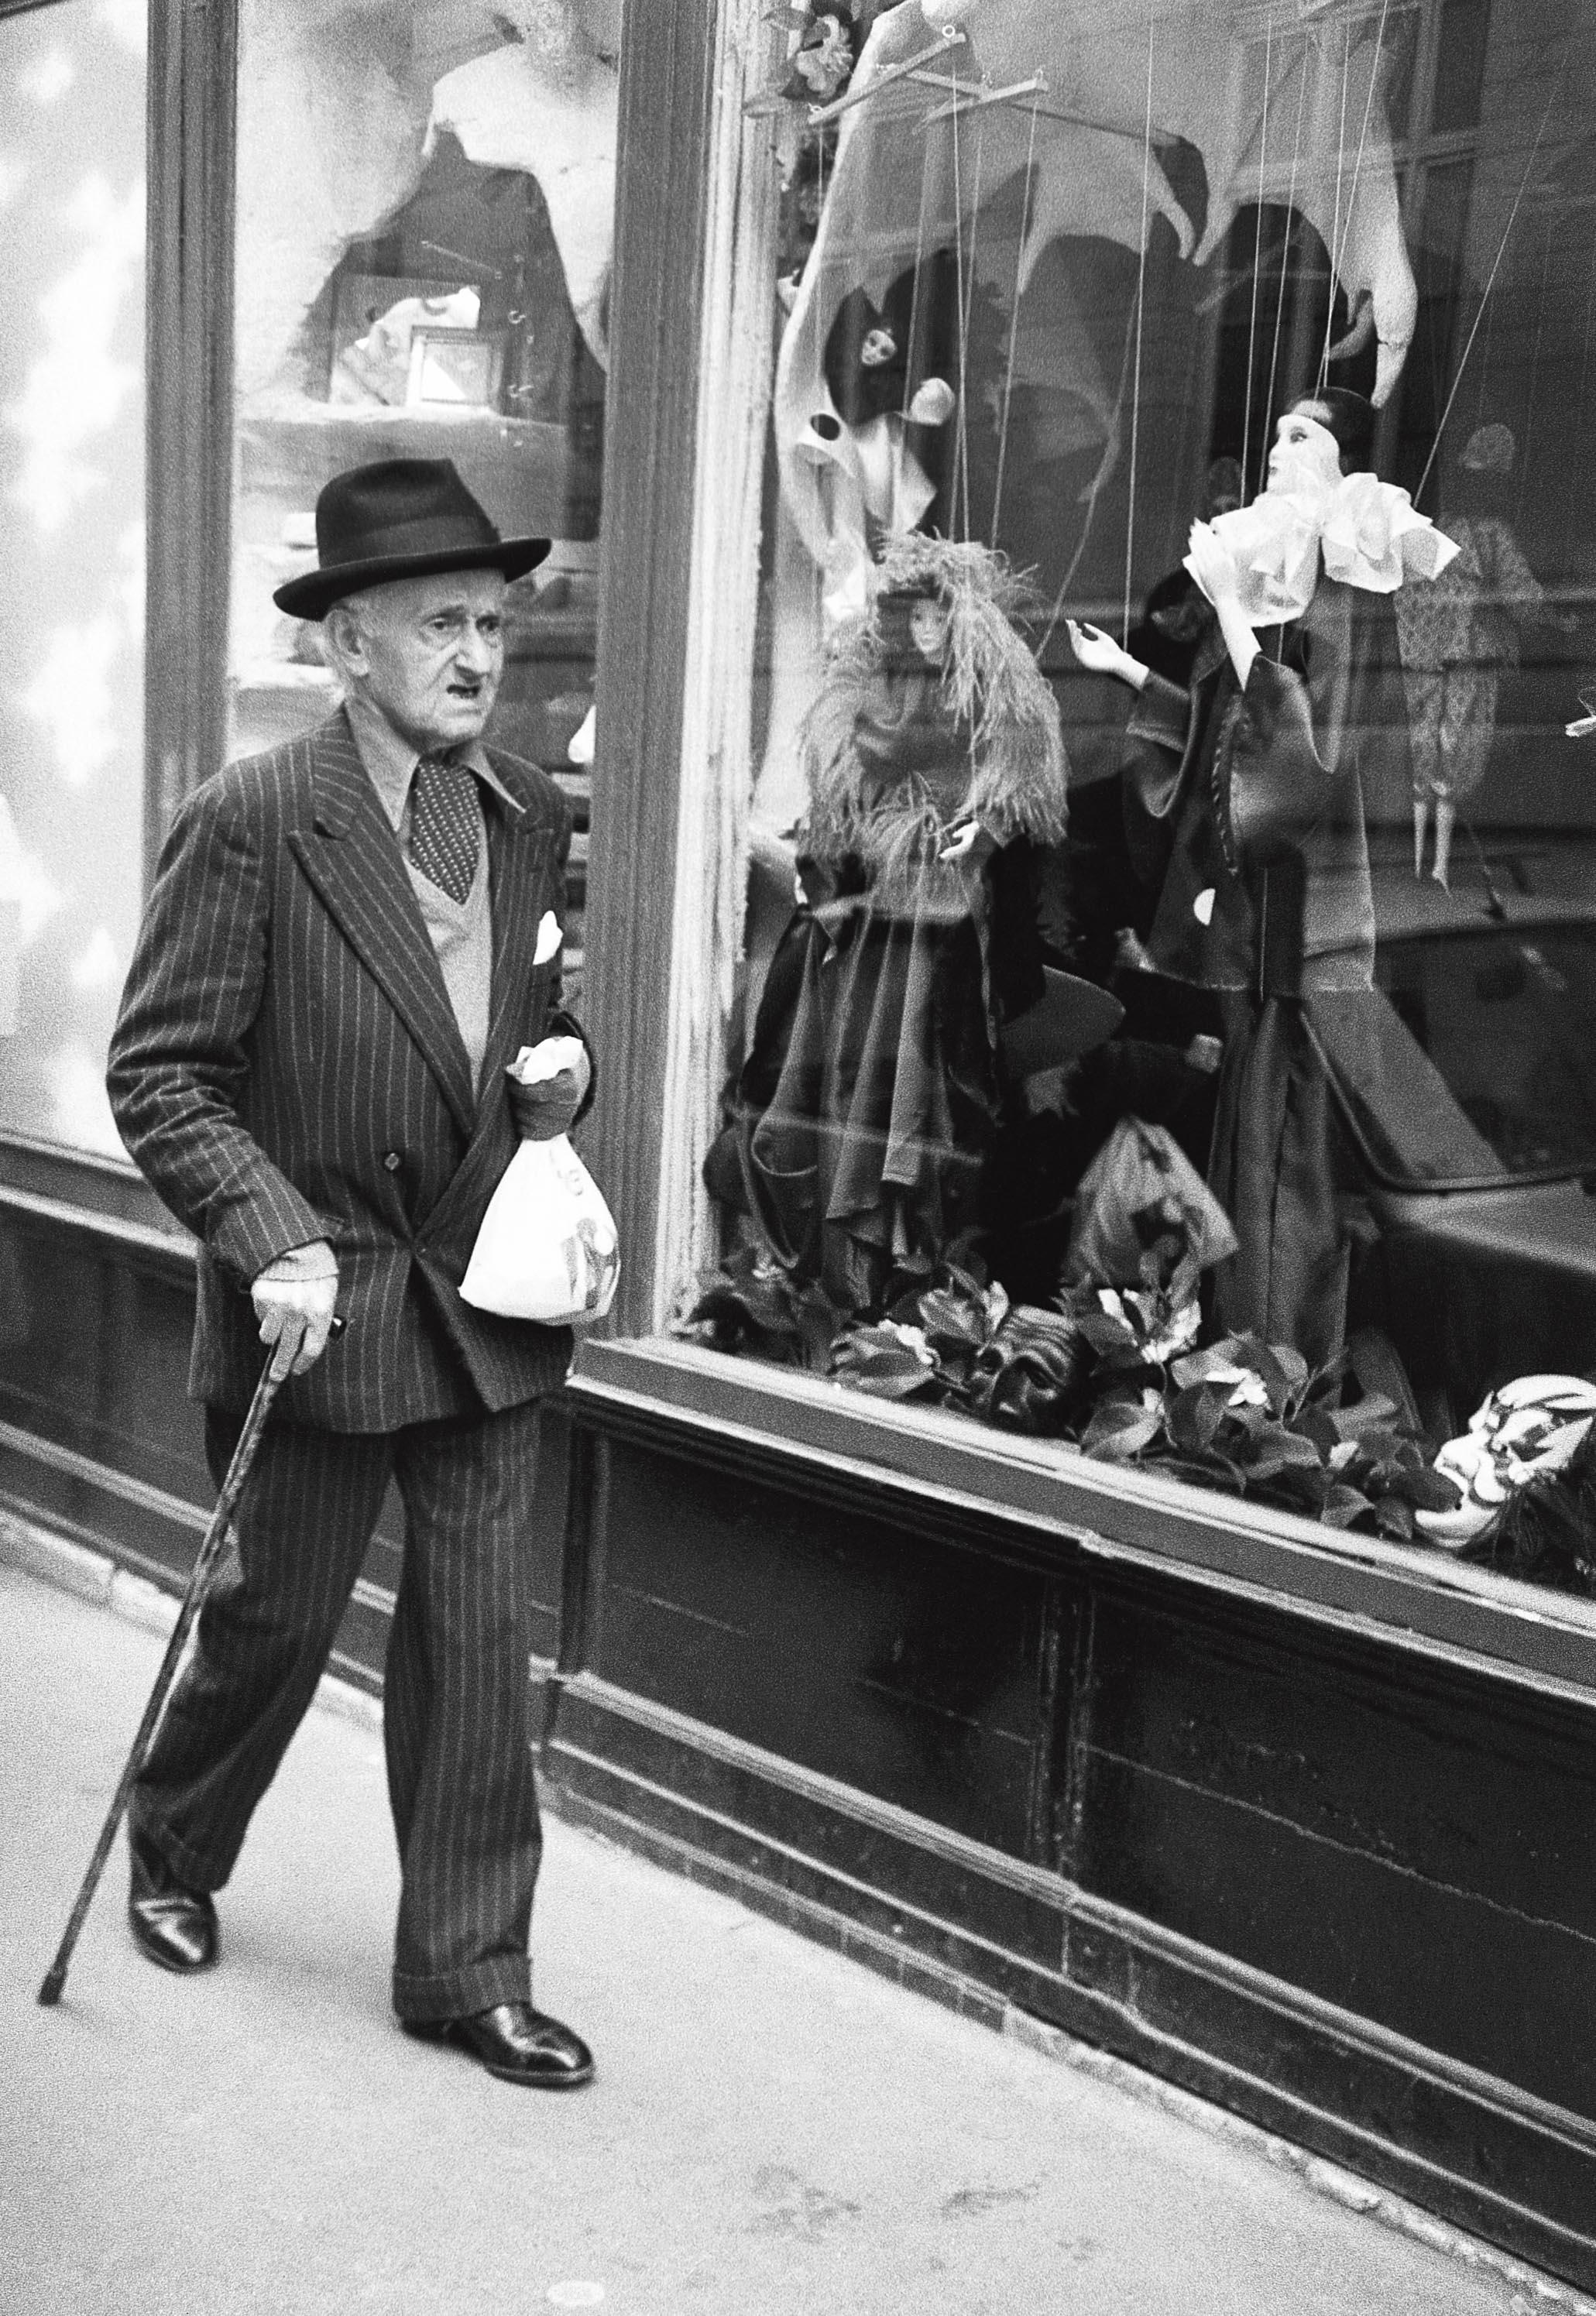 La boutique de marionnettes, Paris 1980